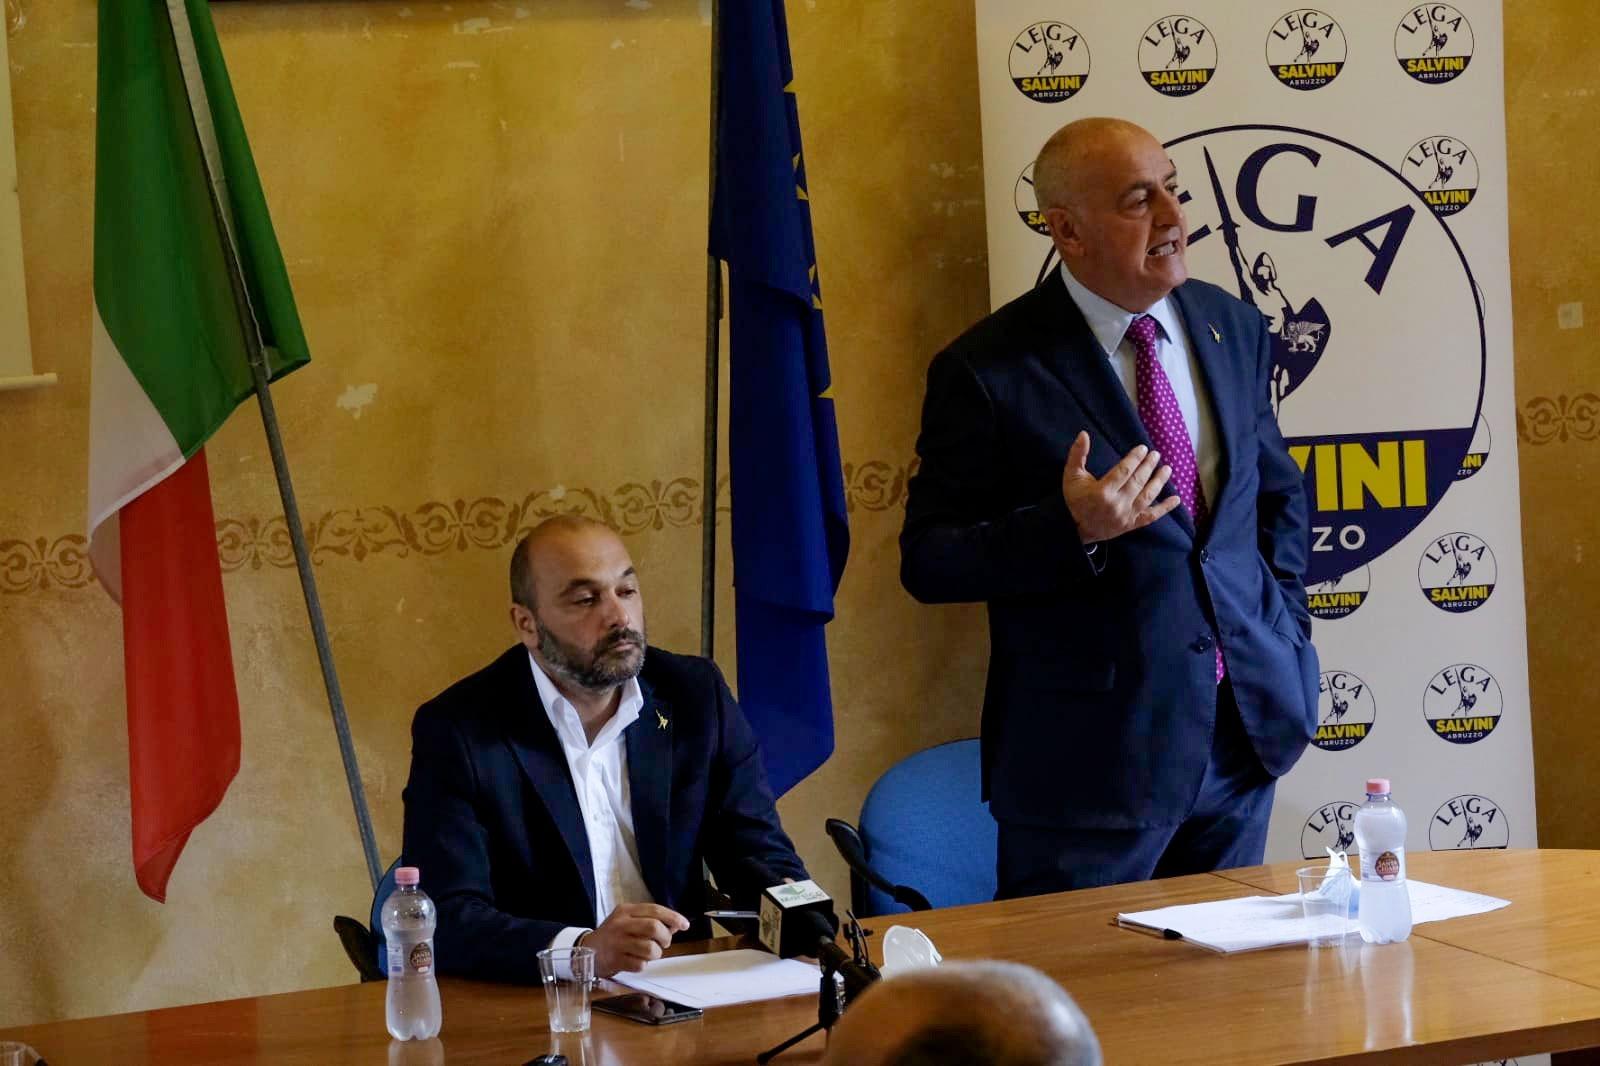 Il senatore Alberto Bagnai ad Avezzano per sostenere la candidatura di Tiziano Genovesi